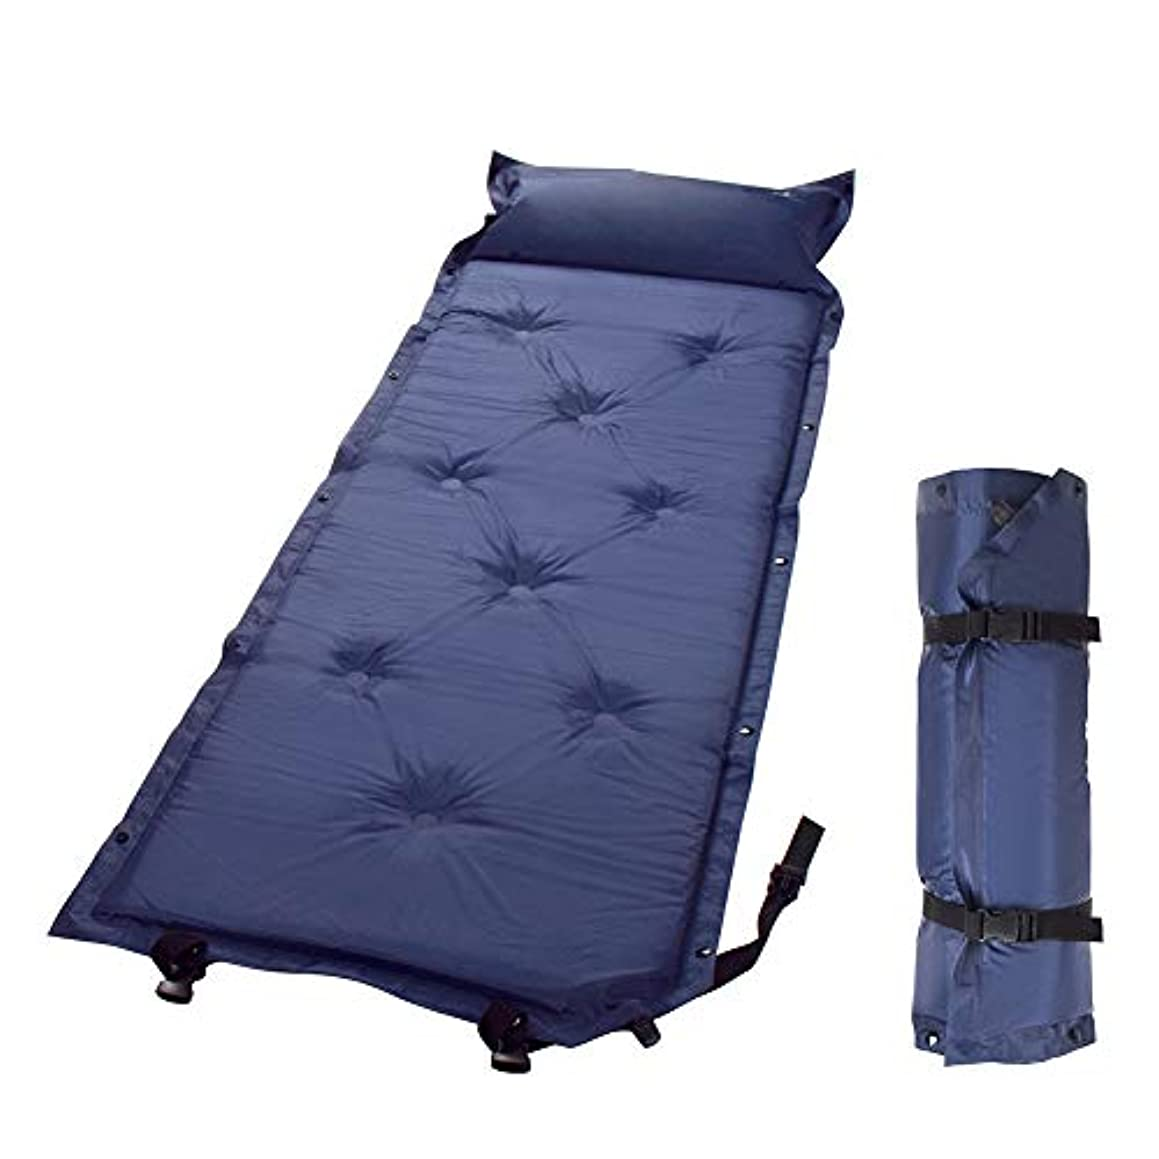 お勧めパワーバナナRAKUNOYA エアーマット キャンプマット テント マット アウトドア マット自動膨張 エアマットシンプル コンパクト 複数連結可能 エア―ピロー付き 軽量 防湿 エアーベッド 収納袋付き 携帯便利